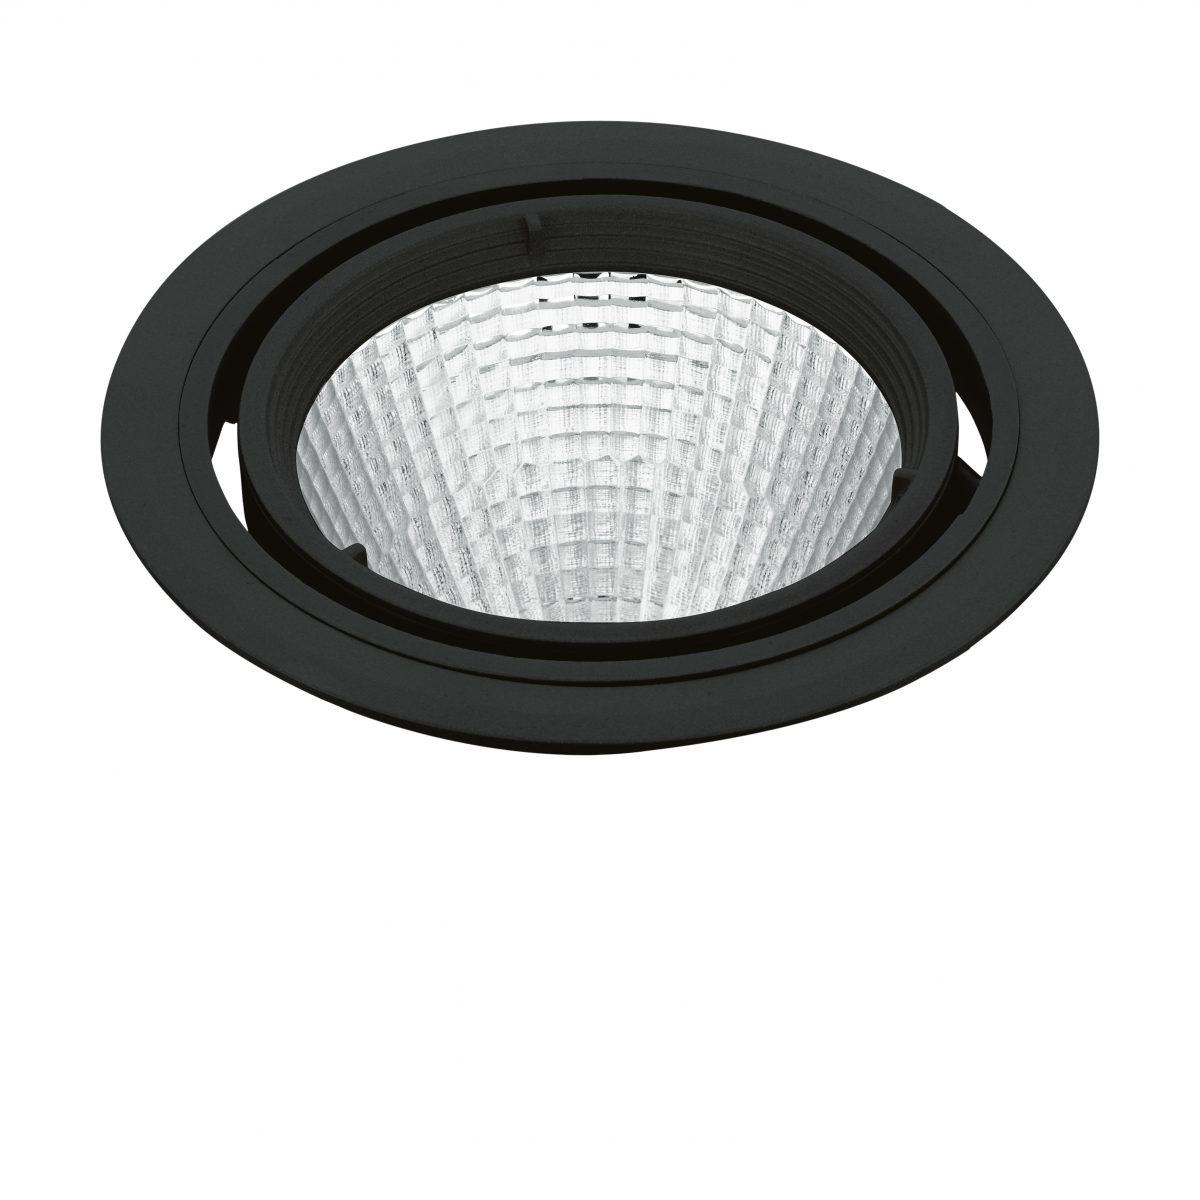 Светильник настенно-потолочный FERRONEGO IN/PROFES EGLO 61425 - Фото №28